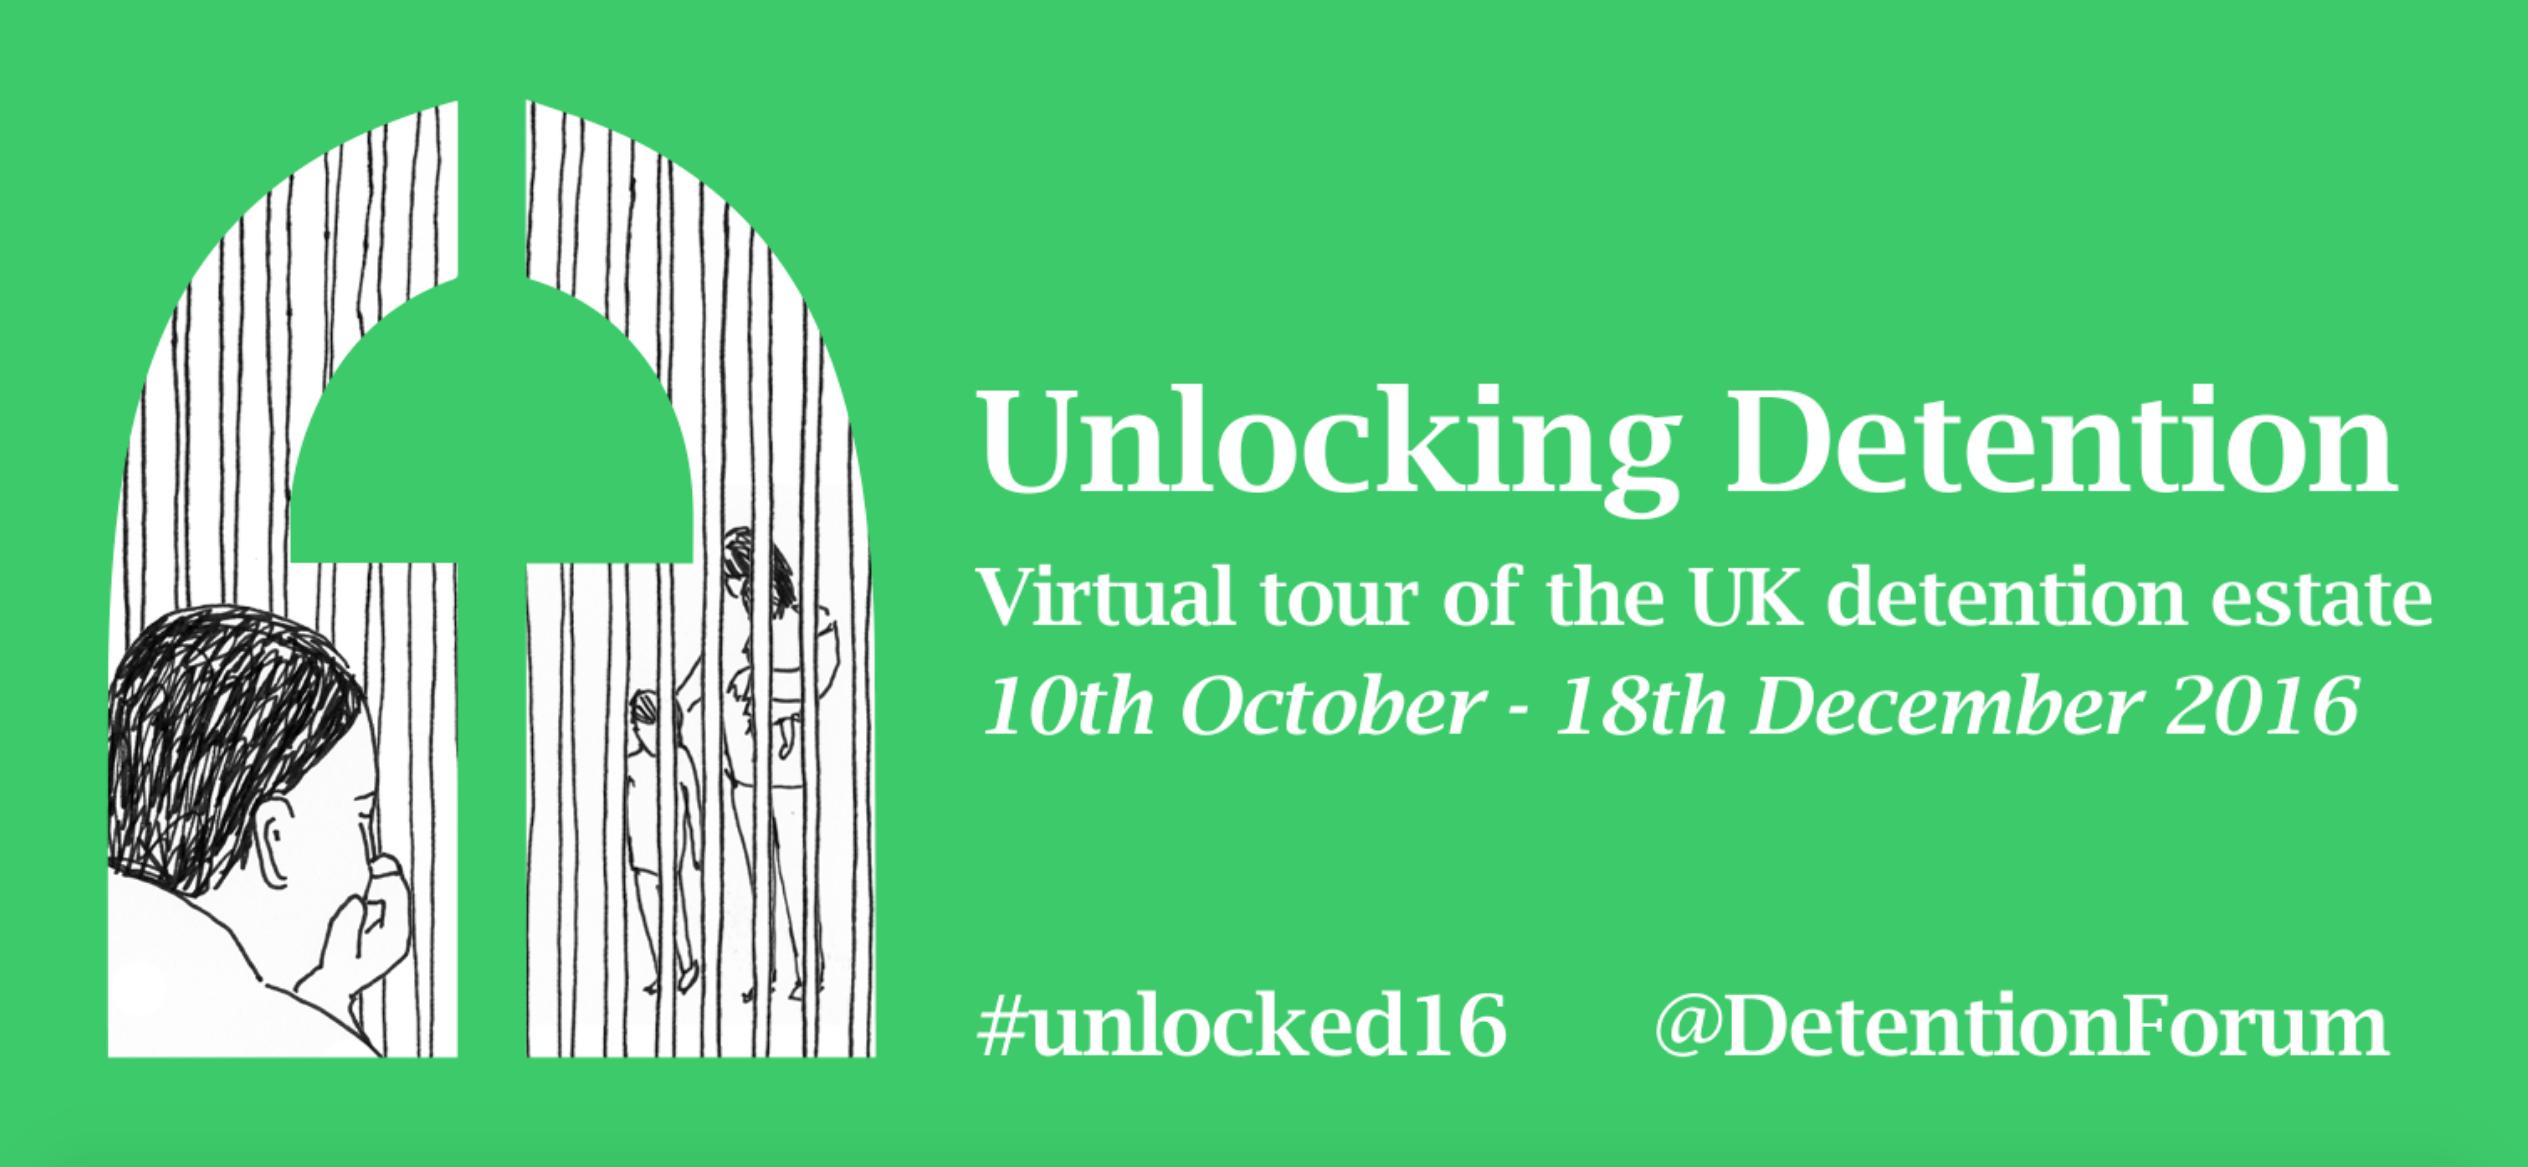 unlocked16